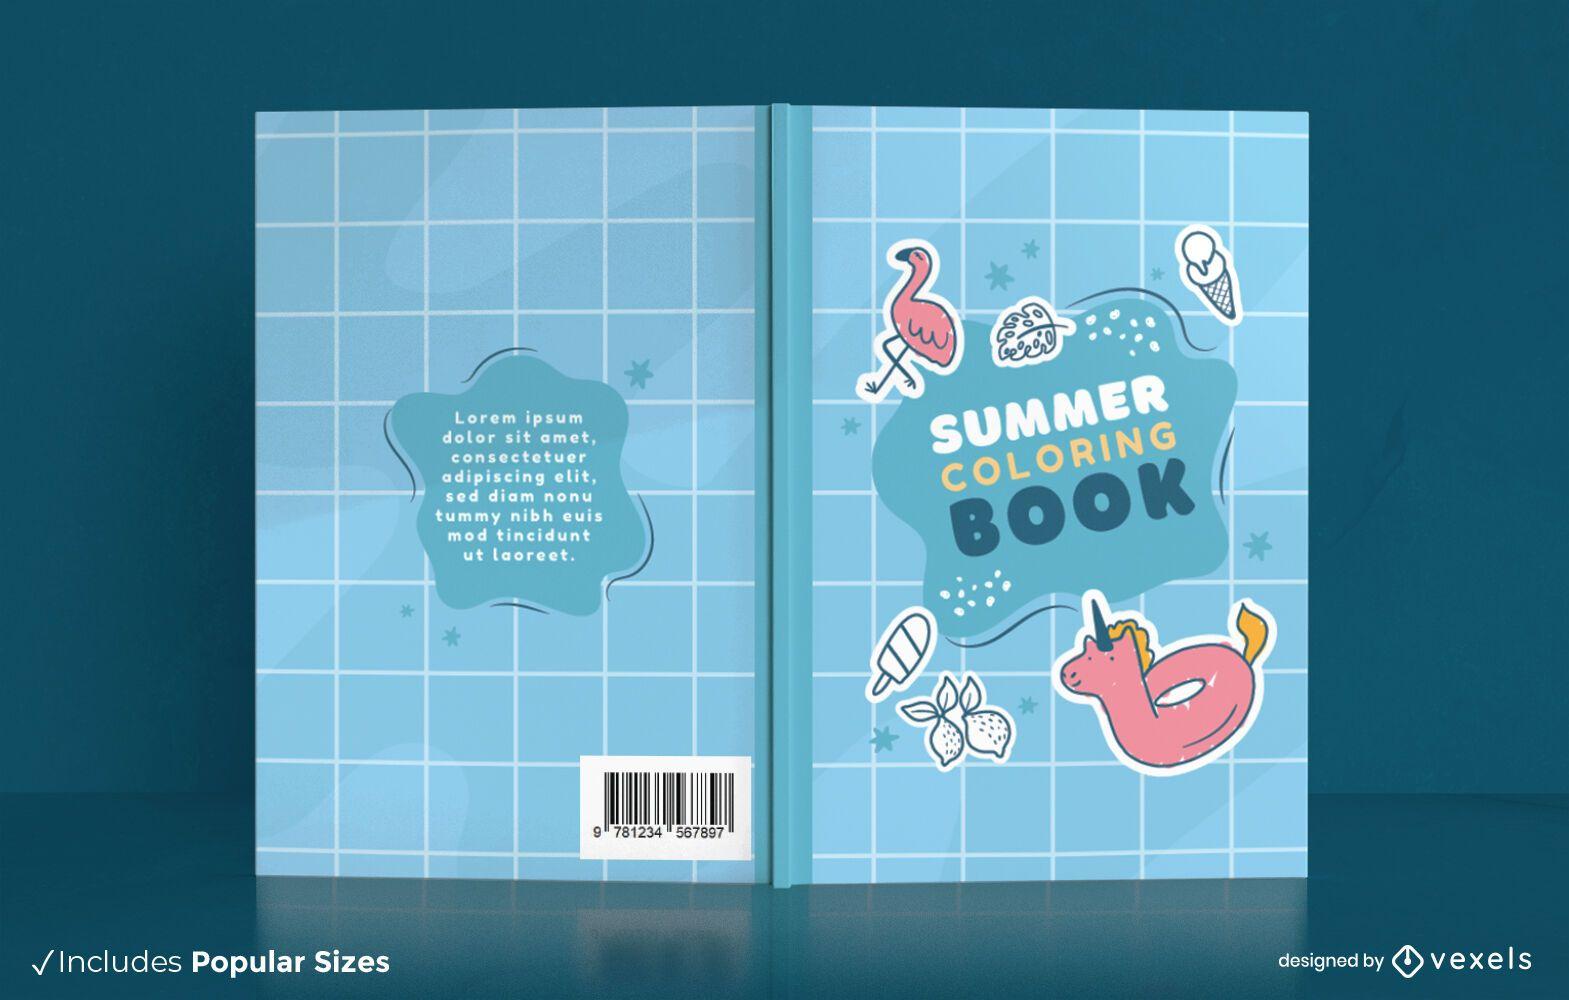 Dise?o de portada de libro para colorear de temporada de verano